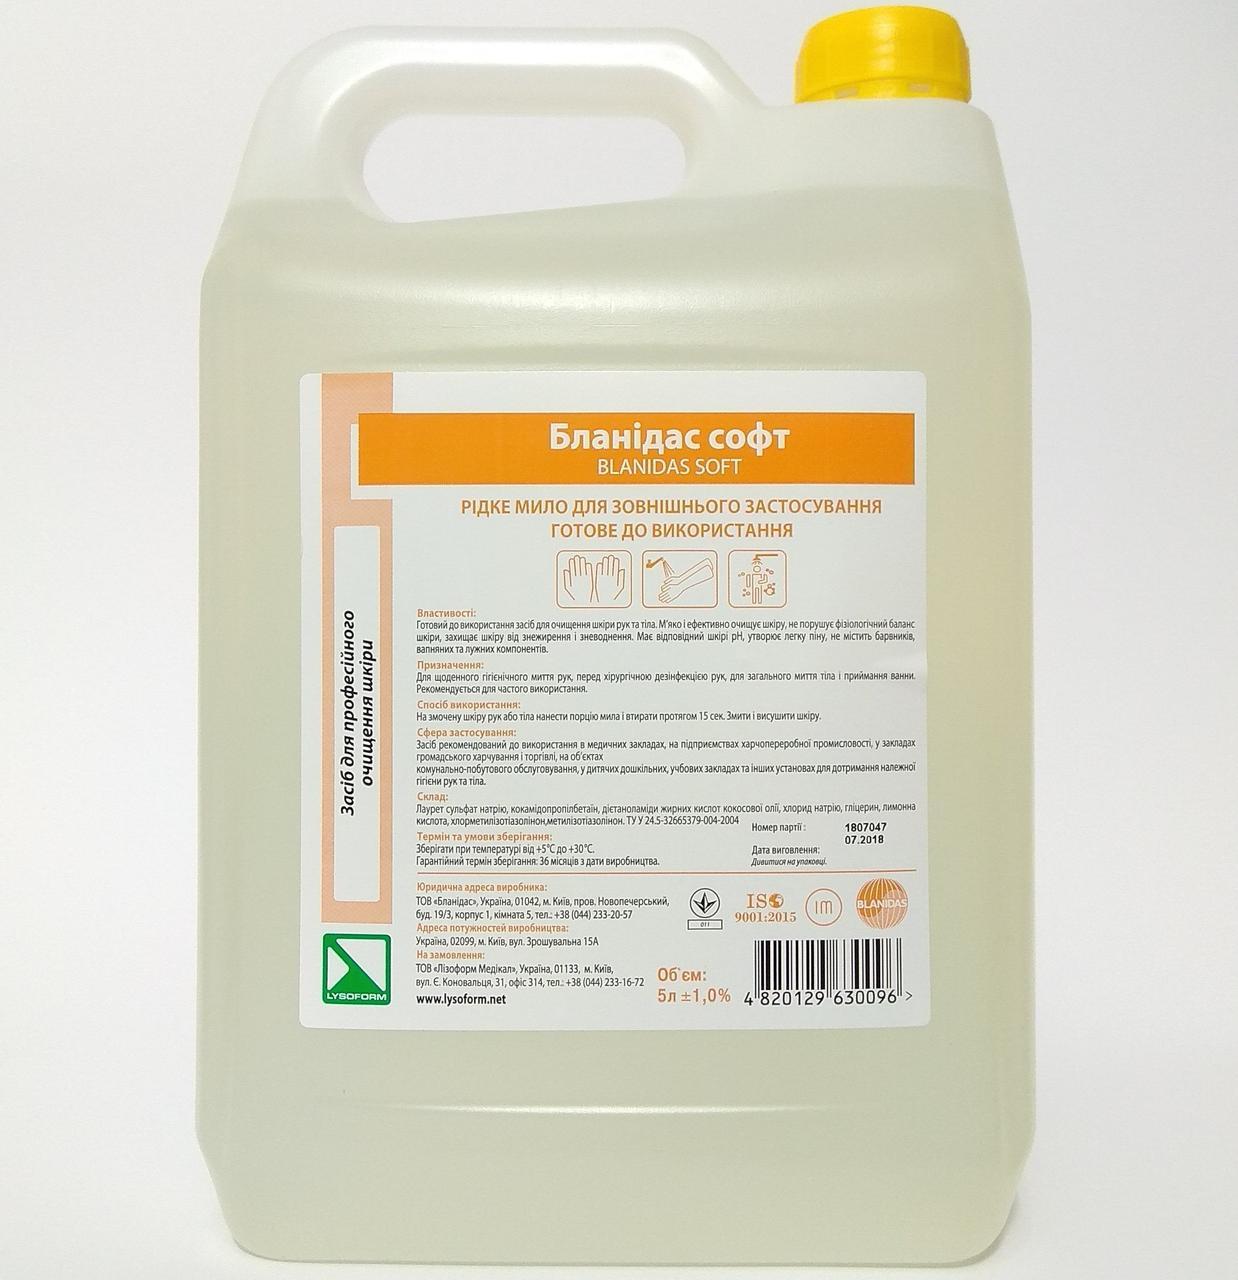 Бланидас софт гипоаллергенное жидкое мыло, 5 л